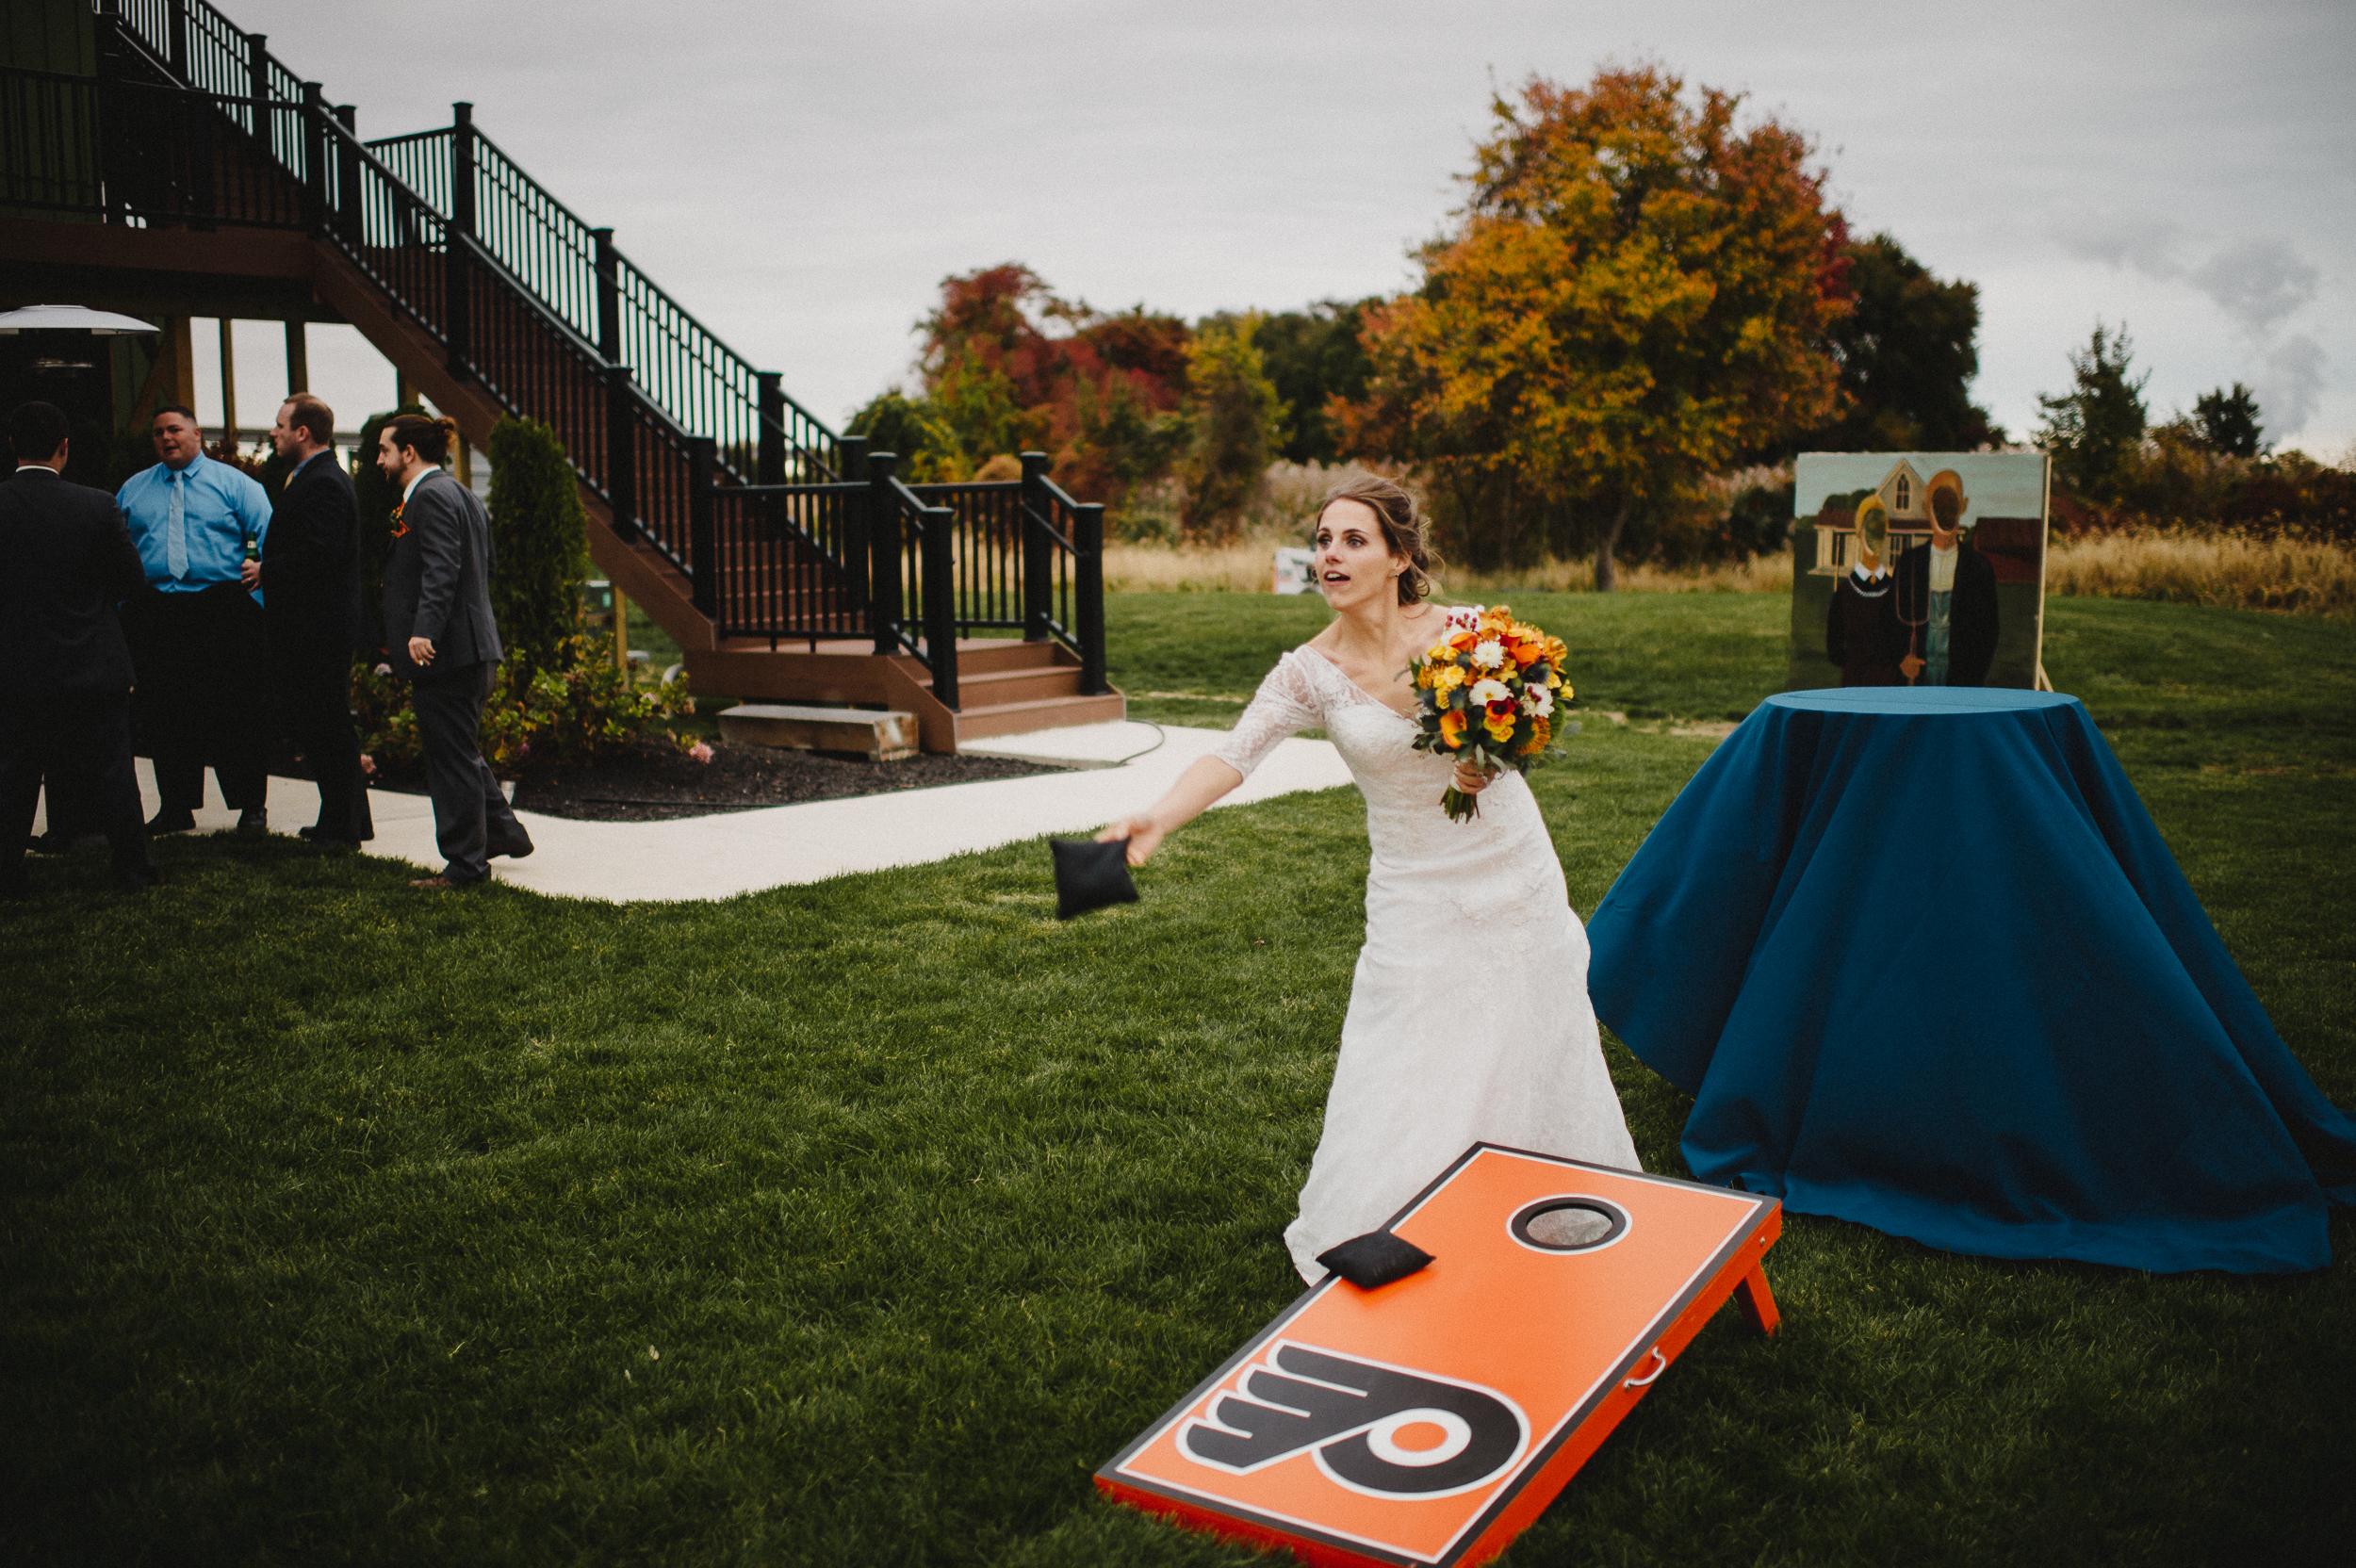 thousand-acre-farm-wedding-photographer-72.jpg